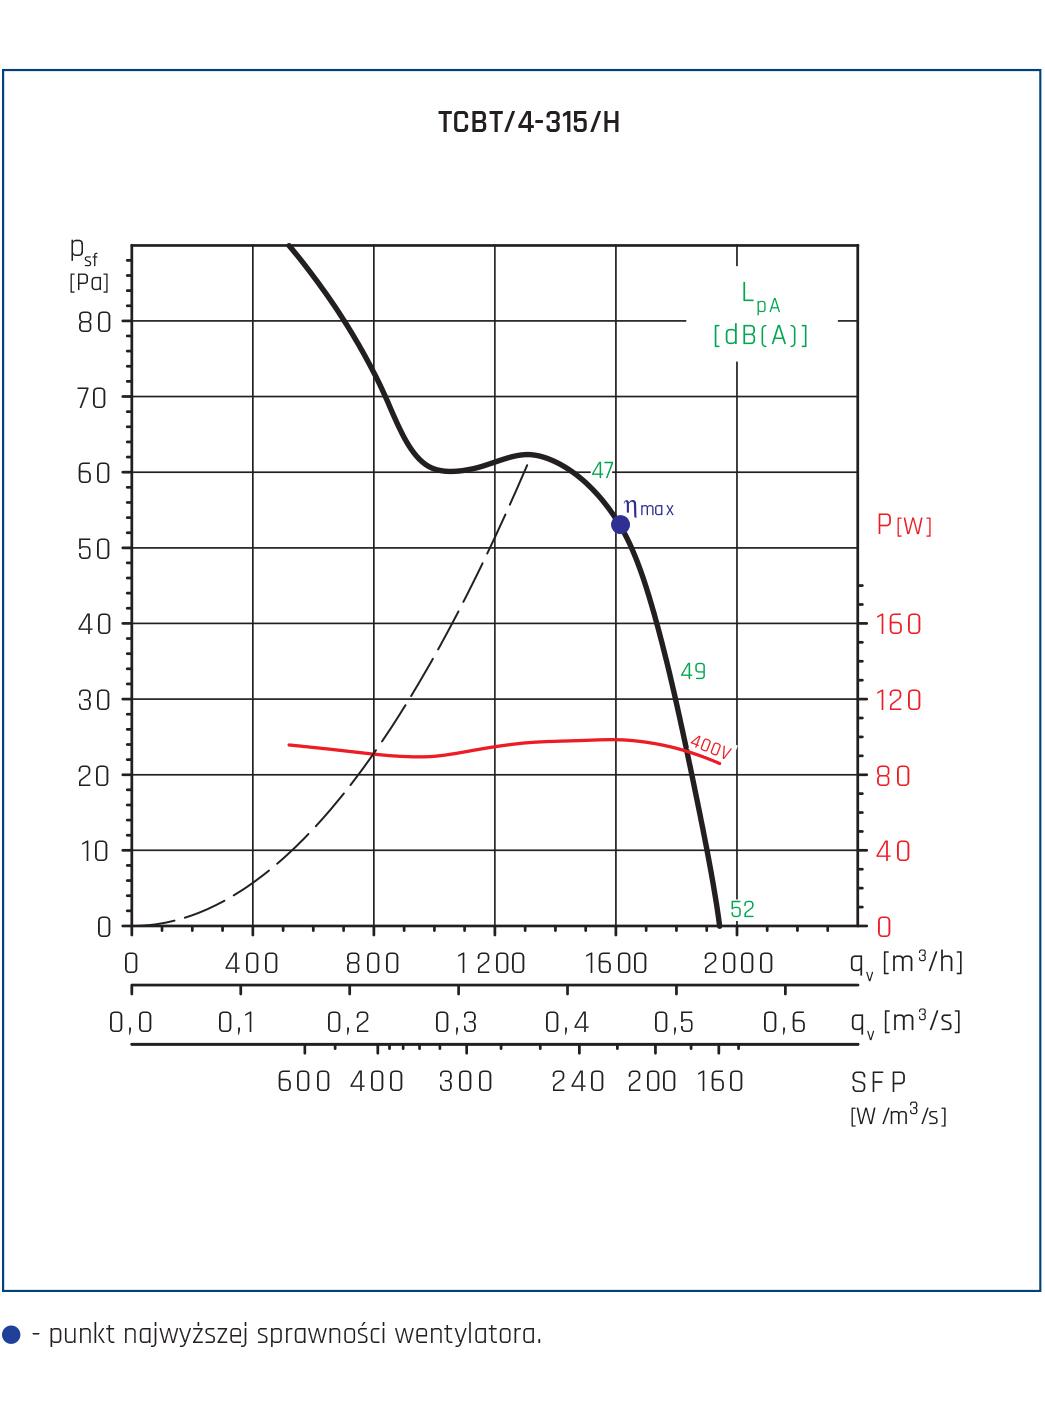 Wentylator Compact TCBB/TCBT 30